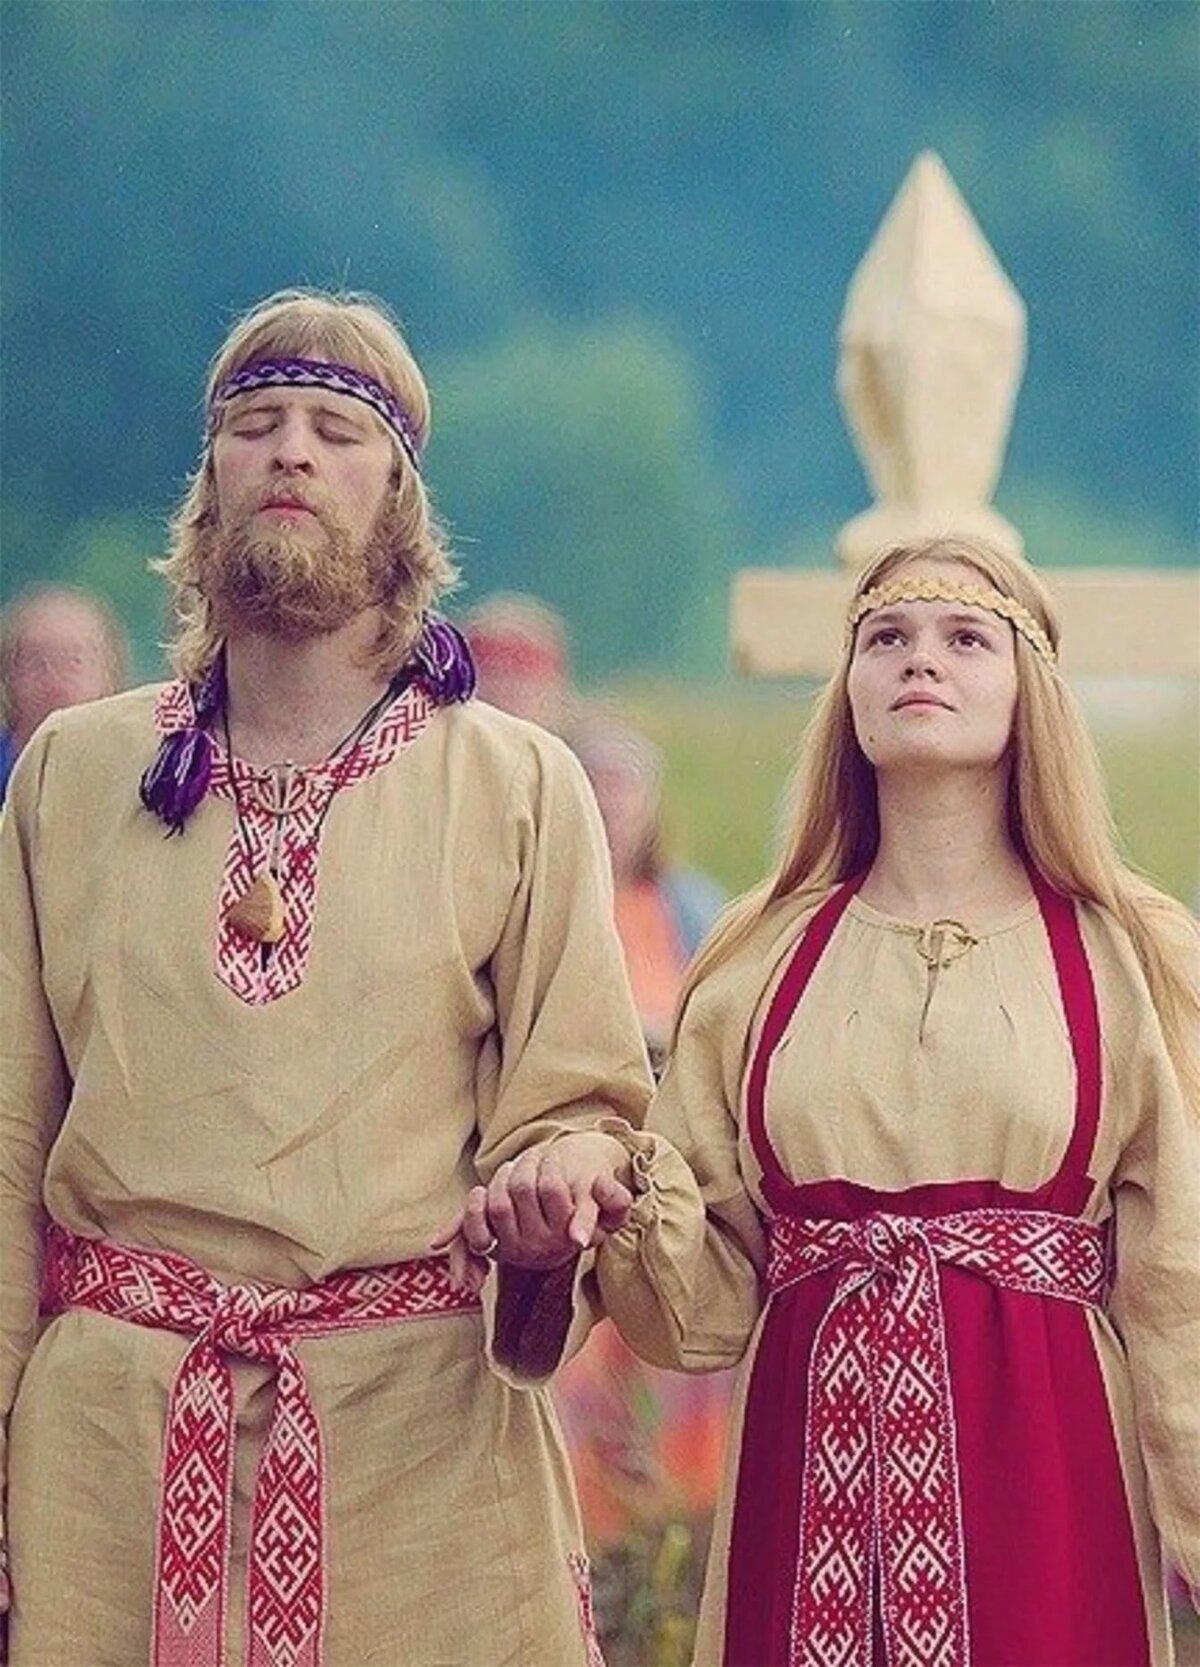 любям, как выглядели русские люди фото беркут легки